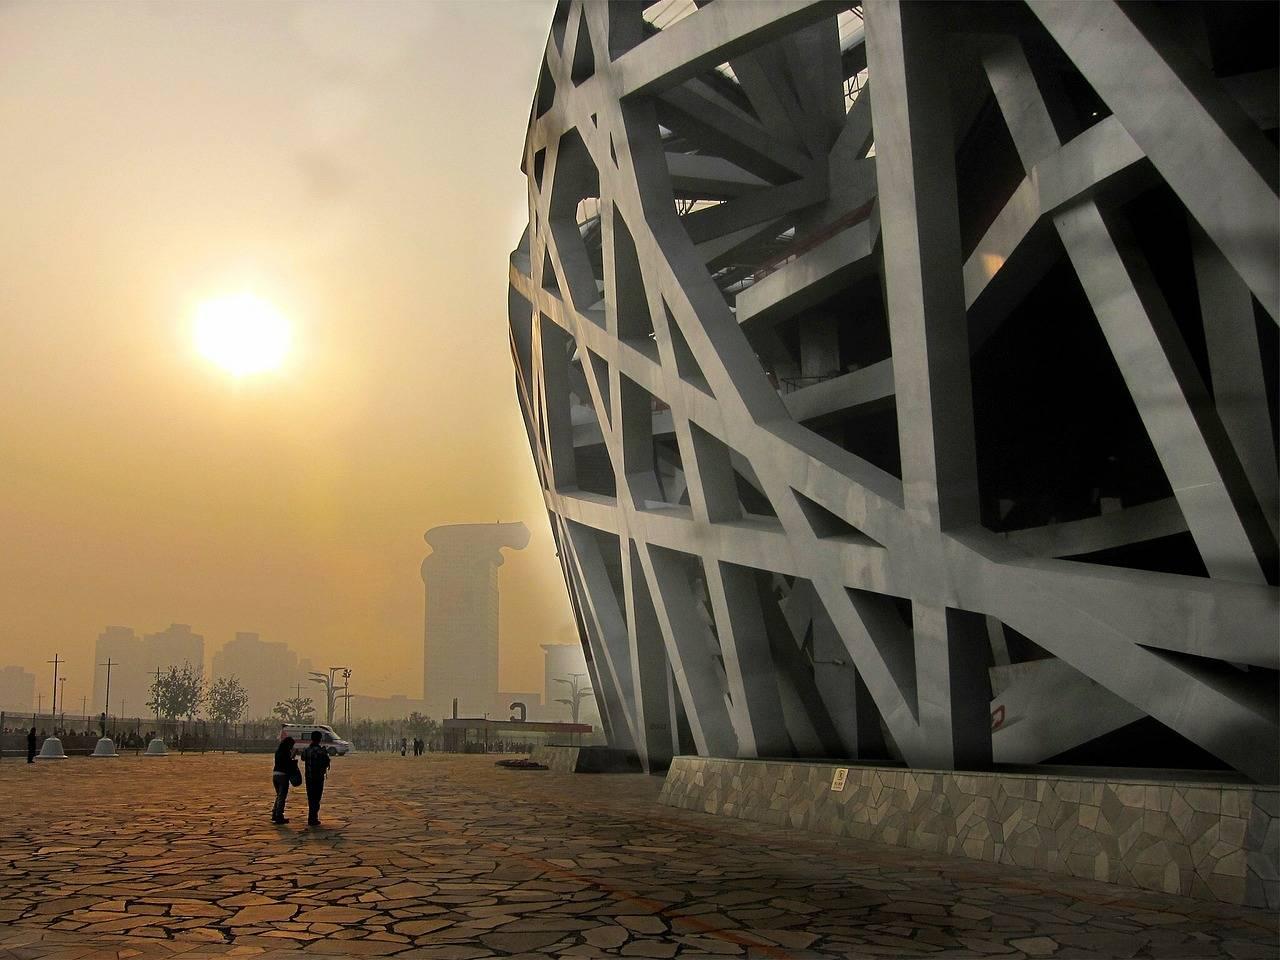 北京商住房较高点降价百万?入冬遇冷的商住房还能买吗?